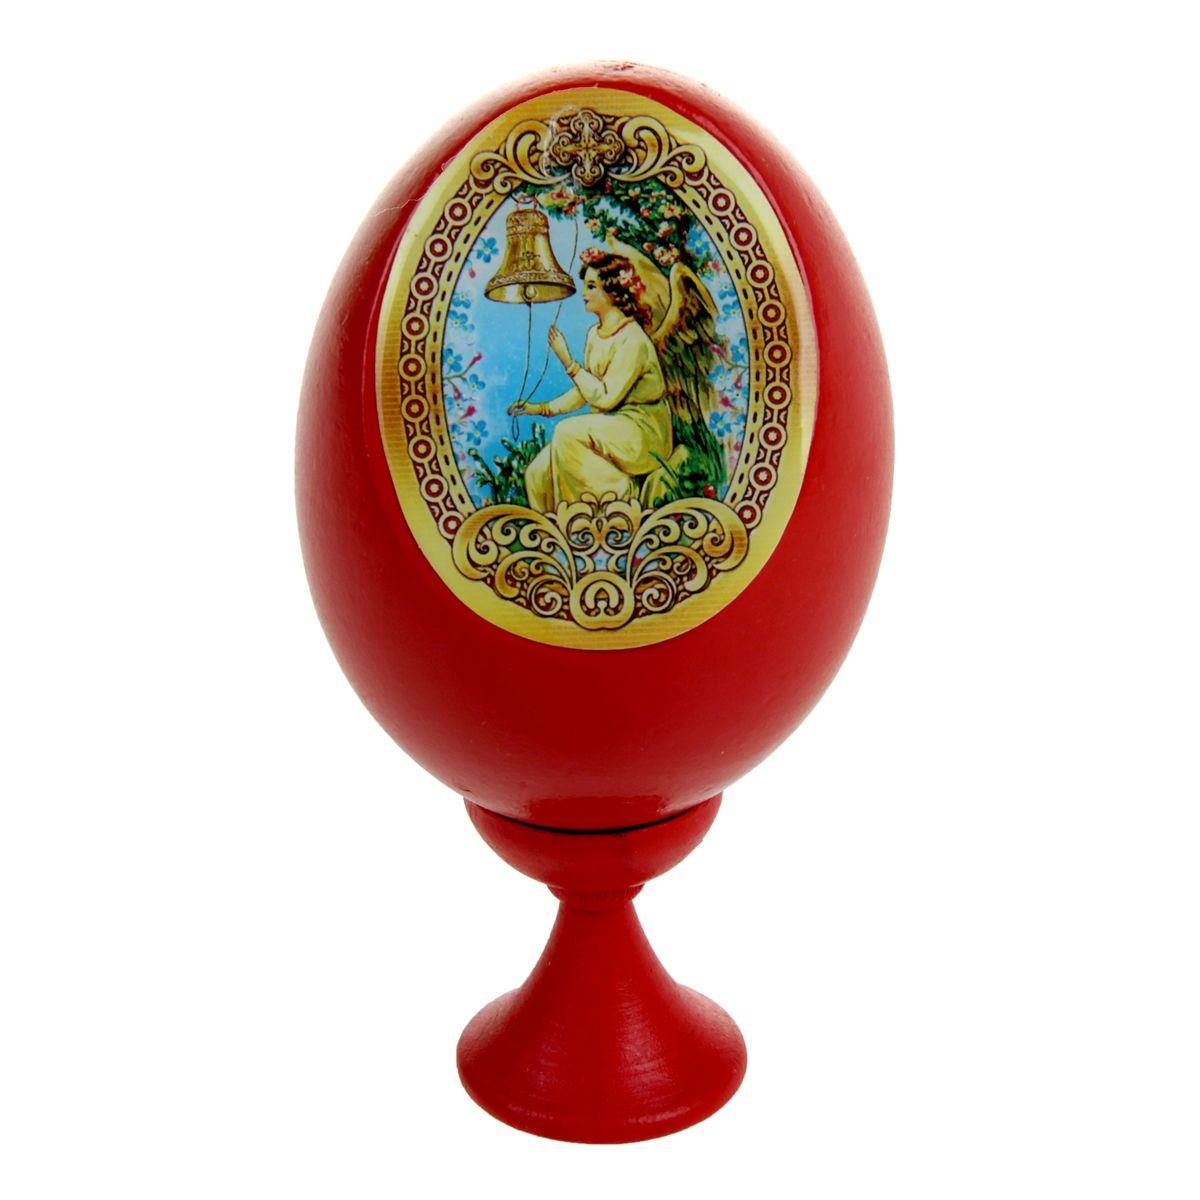 Яйцо декоративное Sima-land Европейский ангел, на подставке, высота 11 см888766Декоративное яйцо Sima-land Европейский ангел изготовлено из дерева. Яйцо оформлено яркой наклейкой с изображением ангела, покрытой смоляным слоем. Изделие располагается на деревянной подставке. Декоративное яйцо Sima-land Европейский ангел принесет в ваш дом ощущение торжества, душевного уюта и станет идеальным подарком на Пасху. Диаметр яйца: 5,5 см. Высота яйца: 8 см. Размер подставки: 3 см х 3 см х 3,5 см.